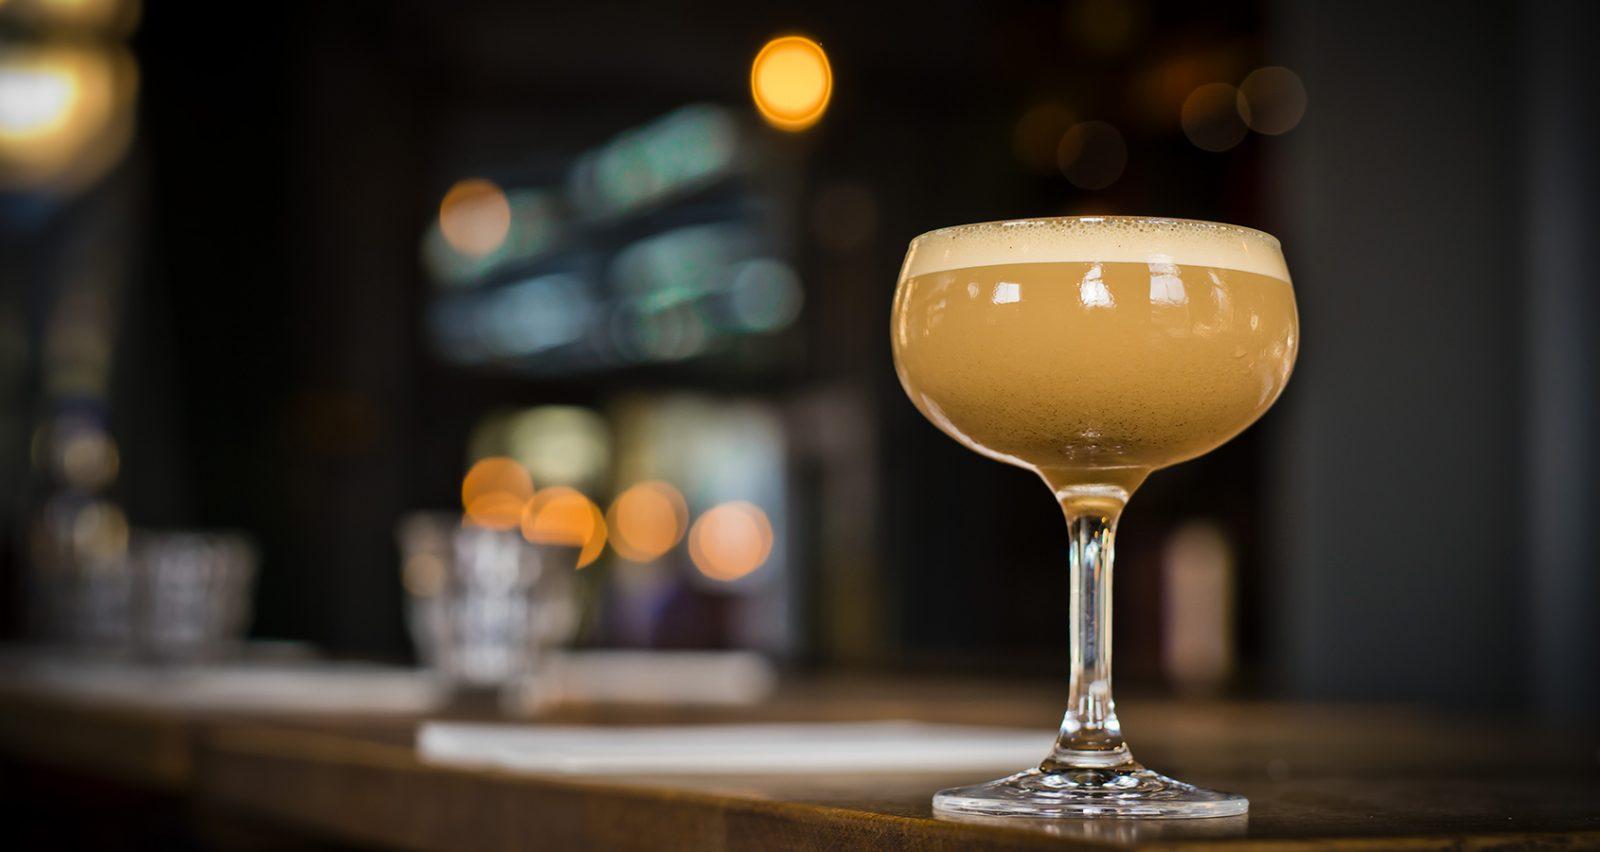 Flødeboller cocktail